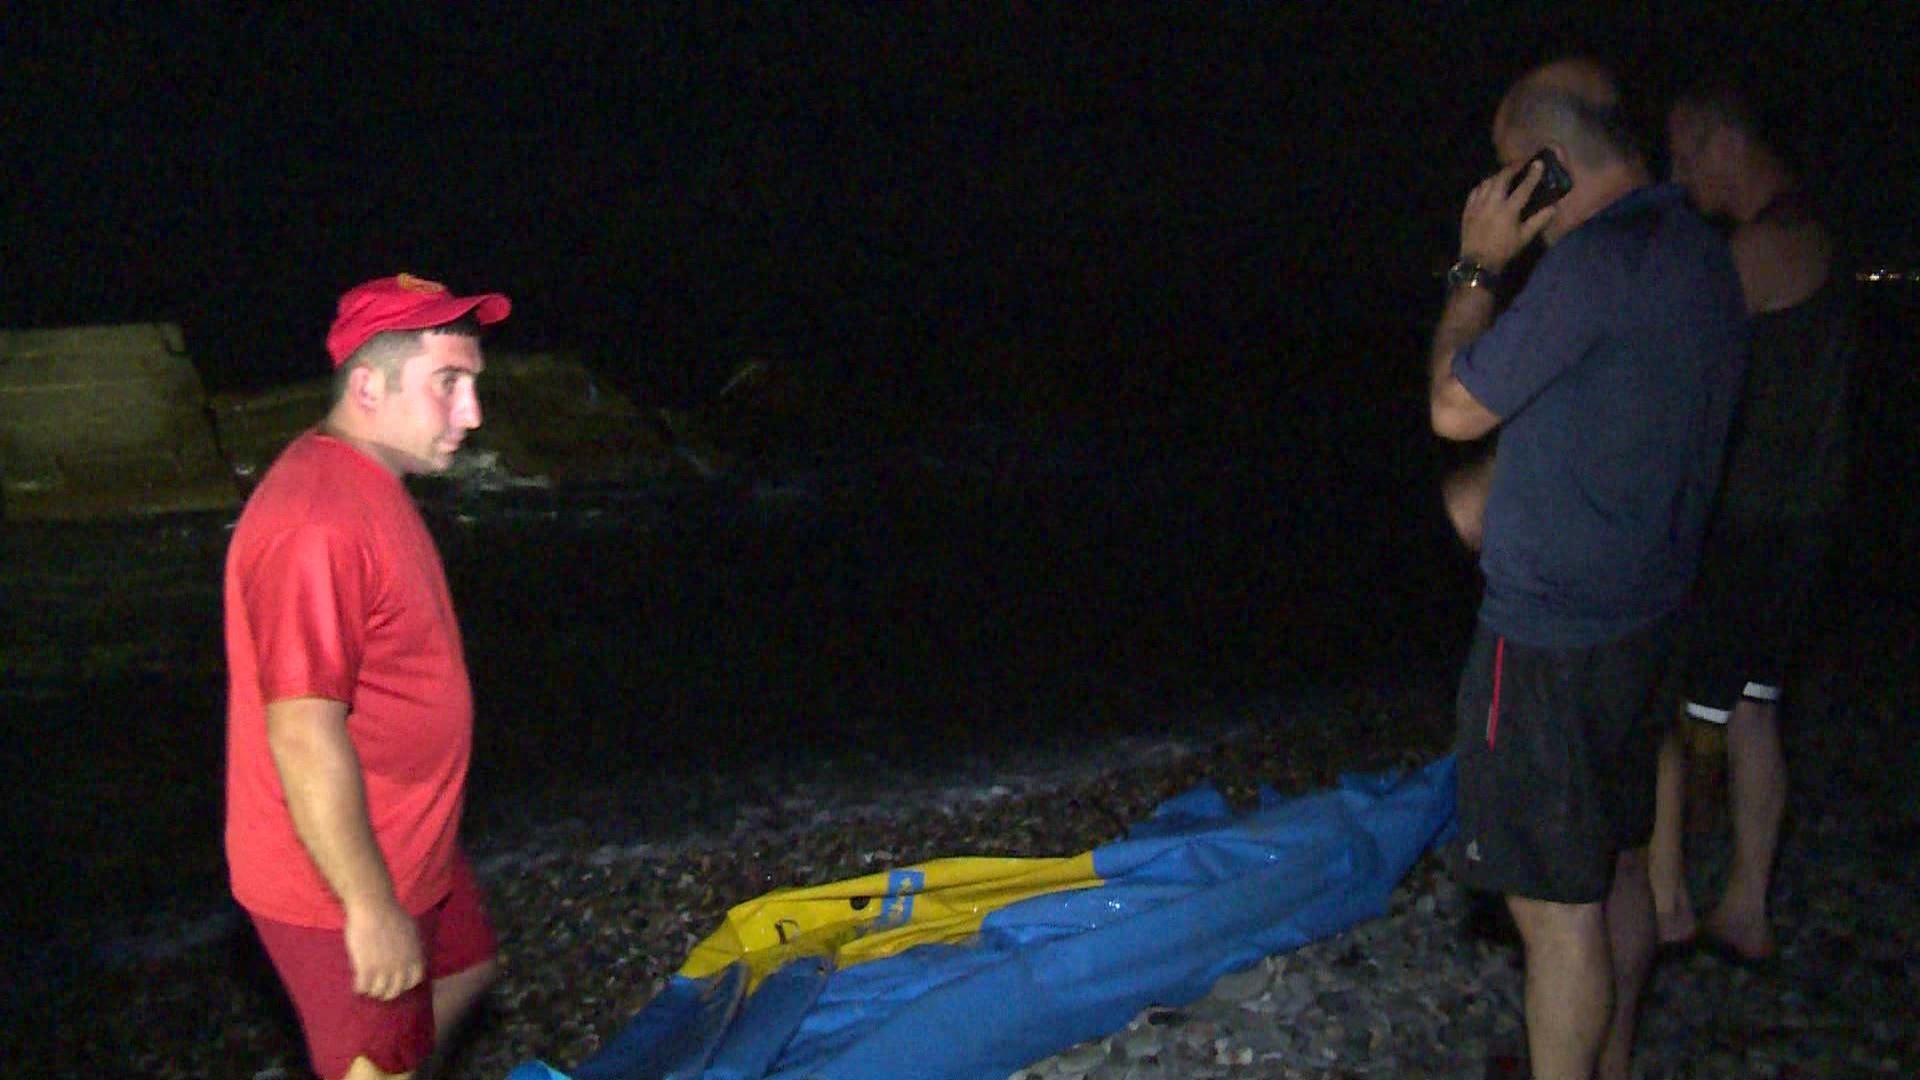 ზღვაში დაკარგული ტურისტი გარდაცვლილი იპოვეს